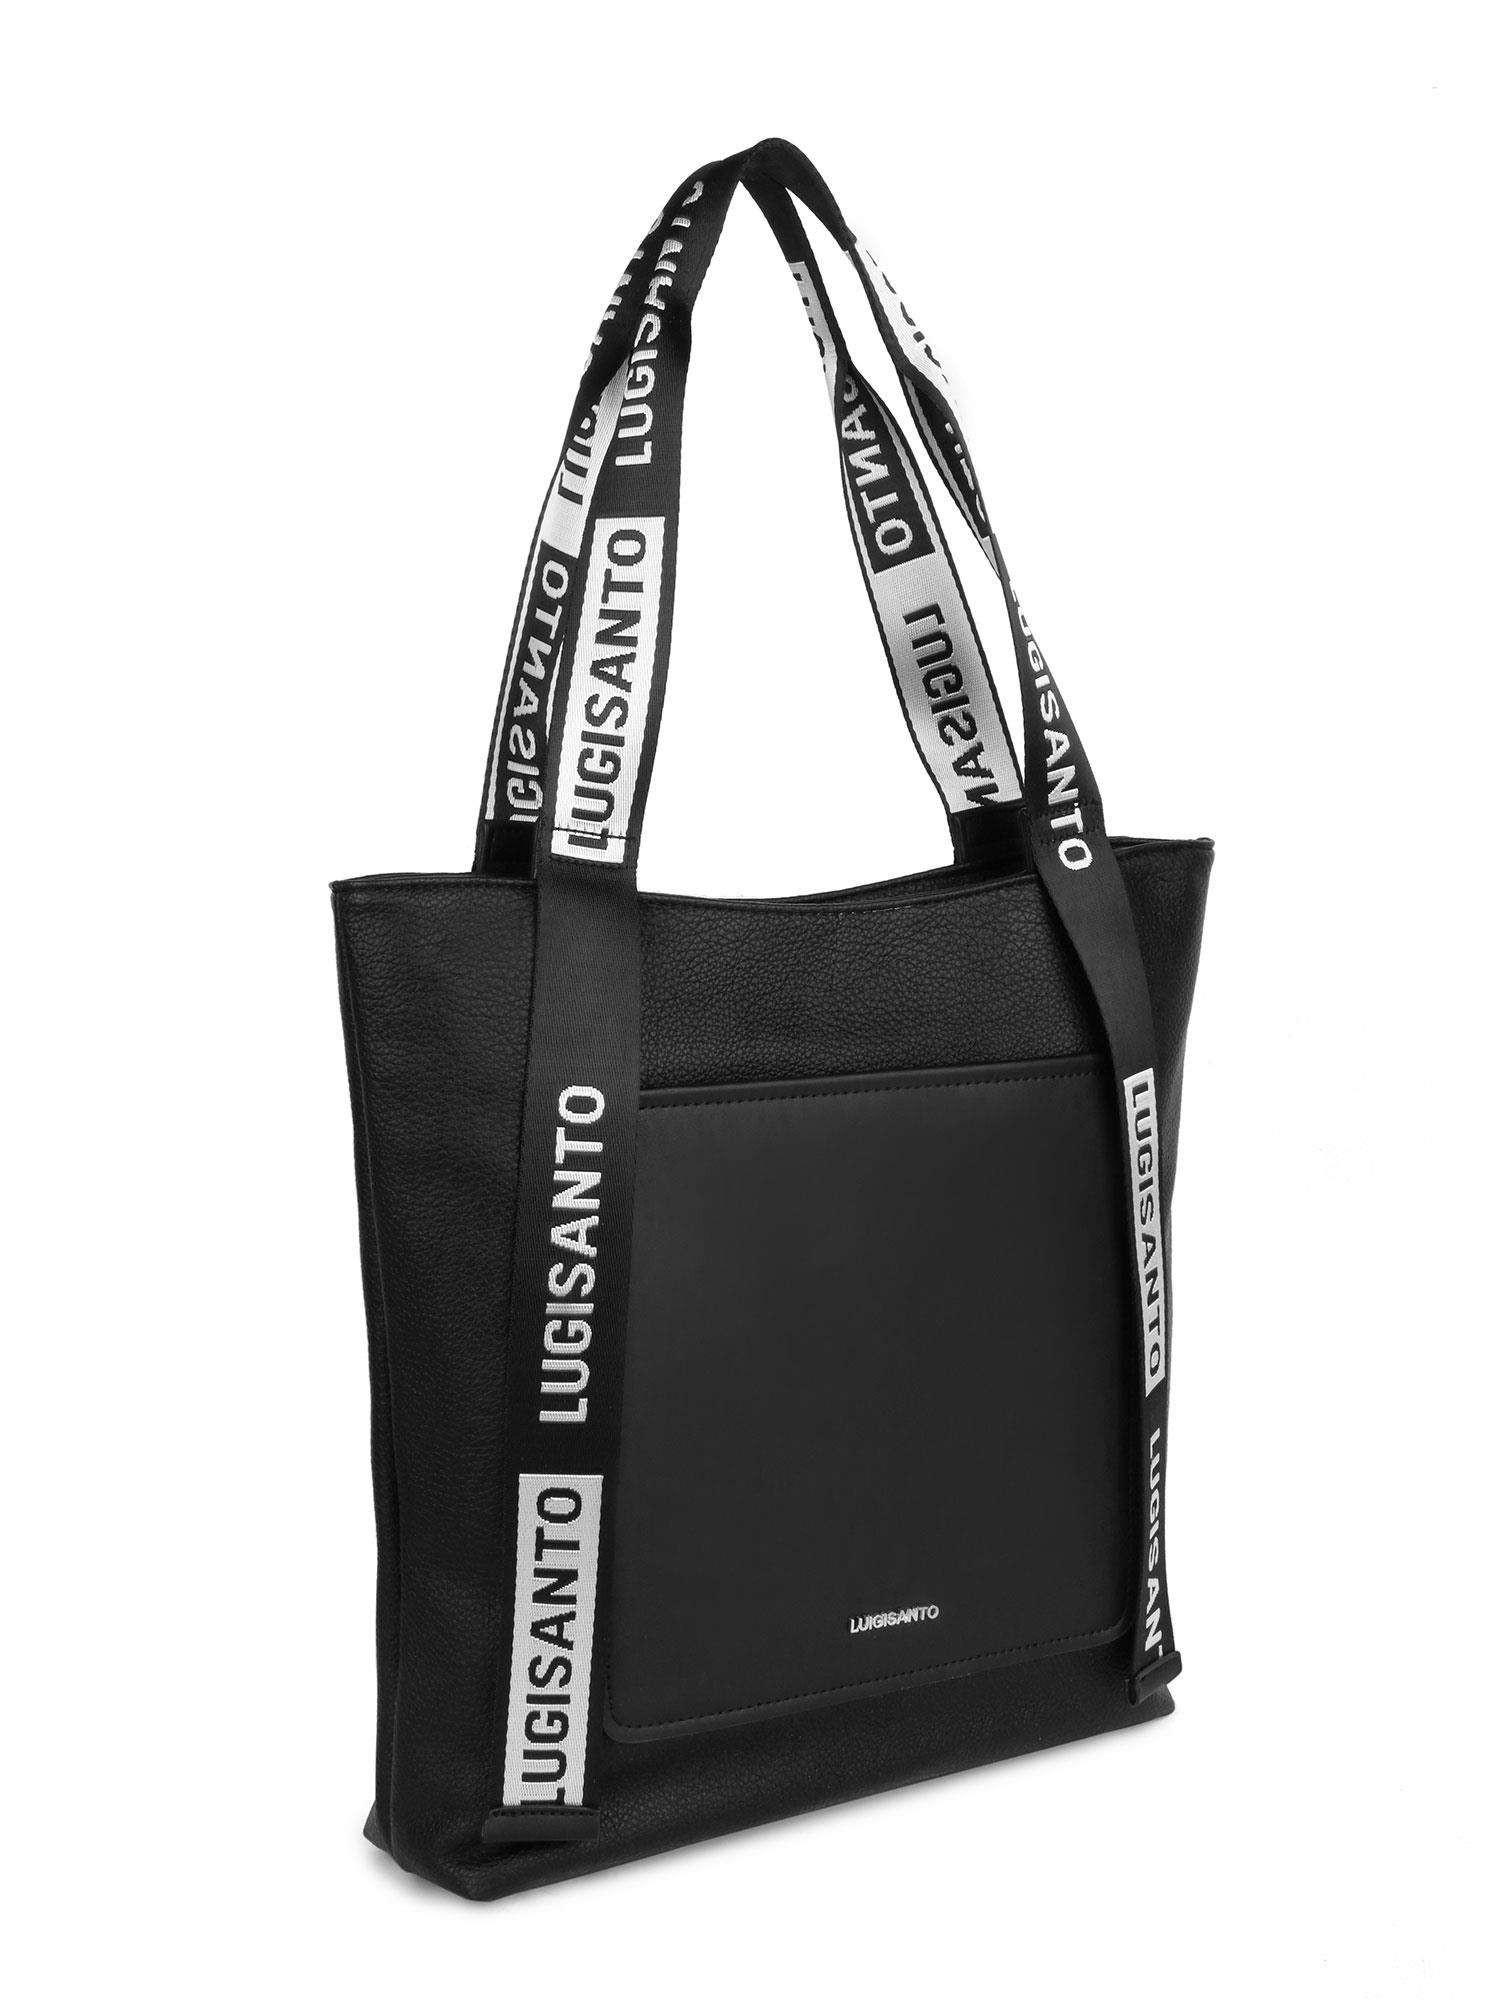 Čierna mestská taška LUIGISANTO